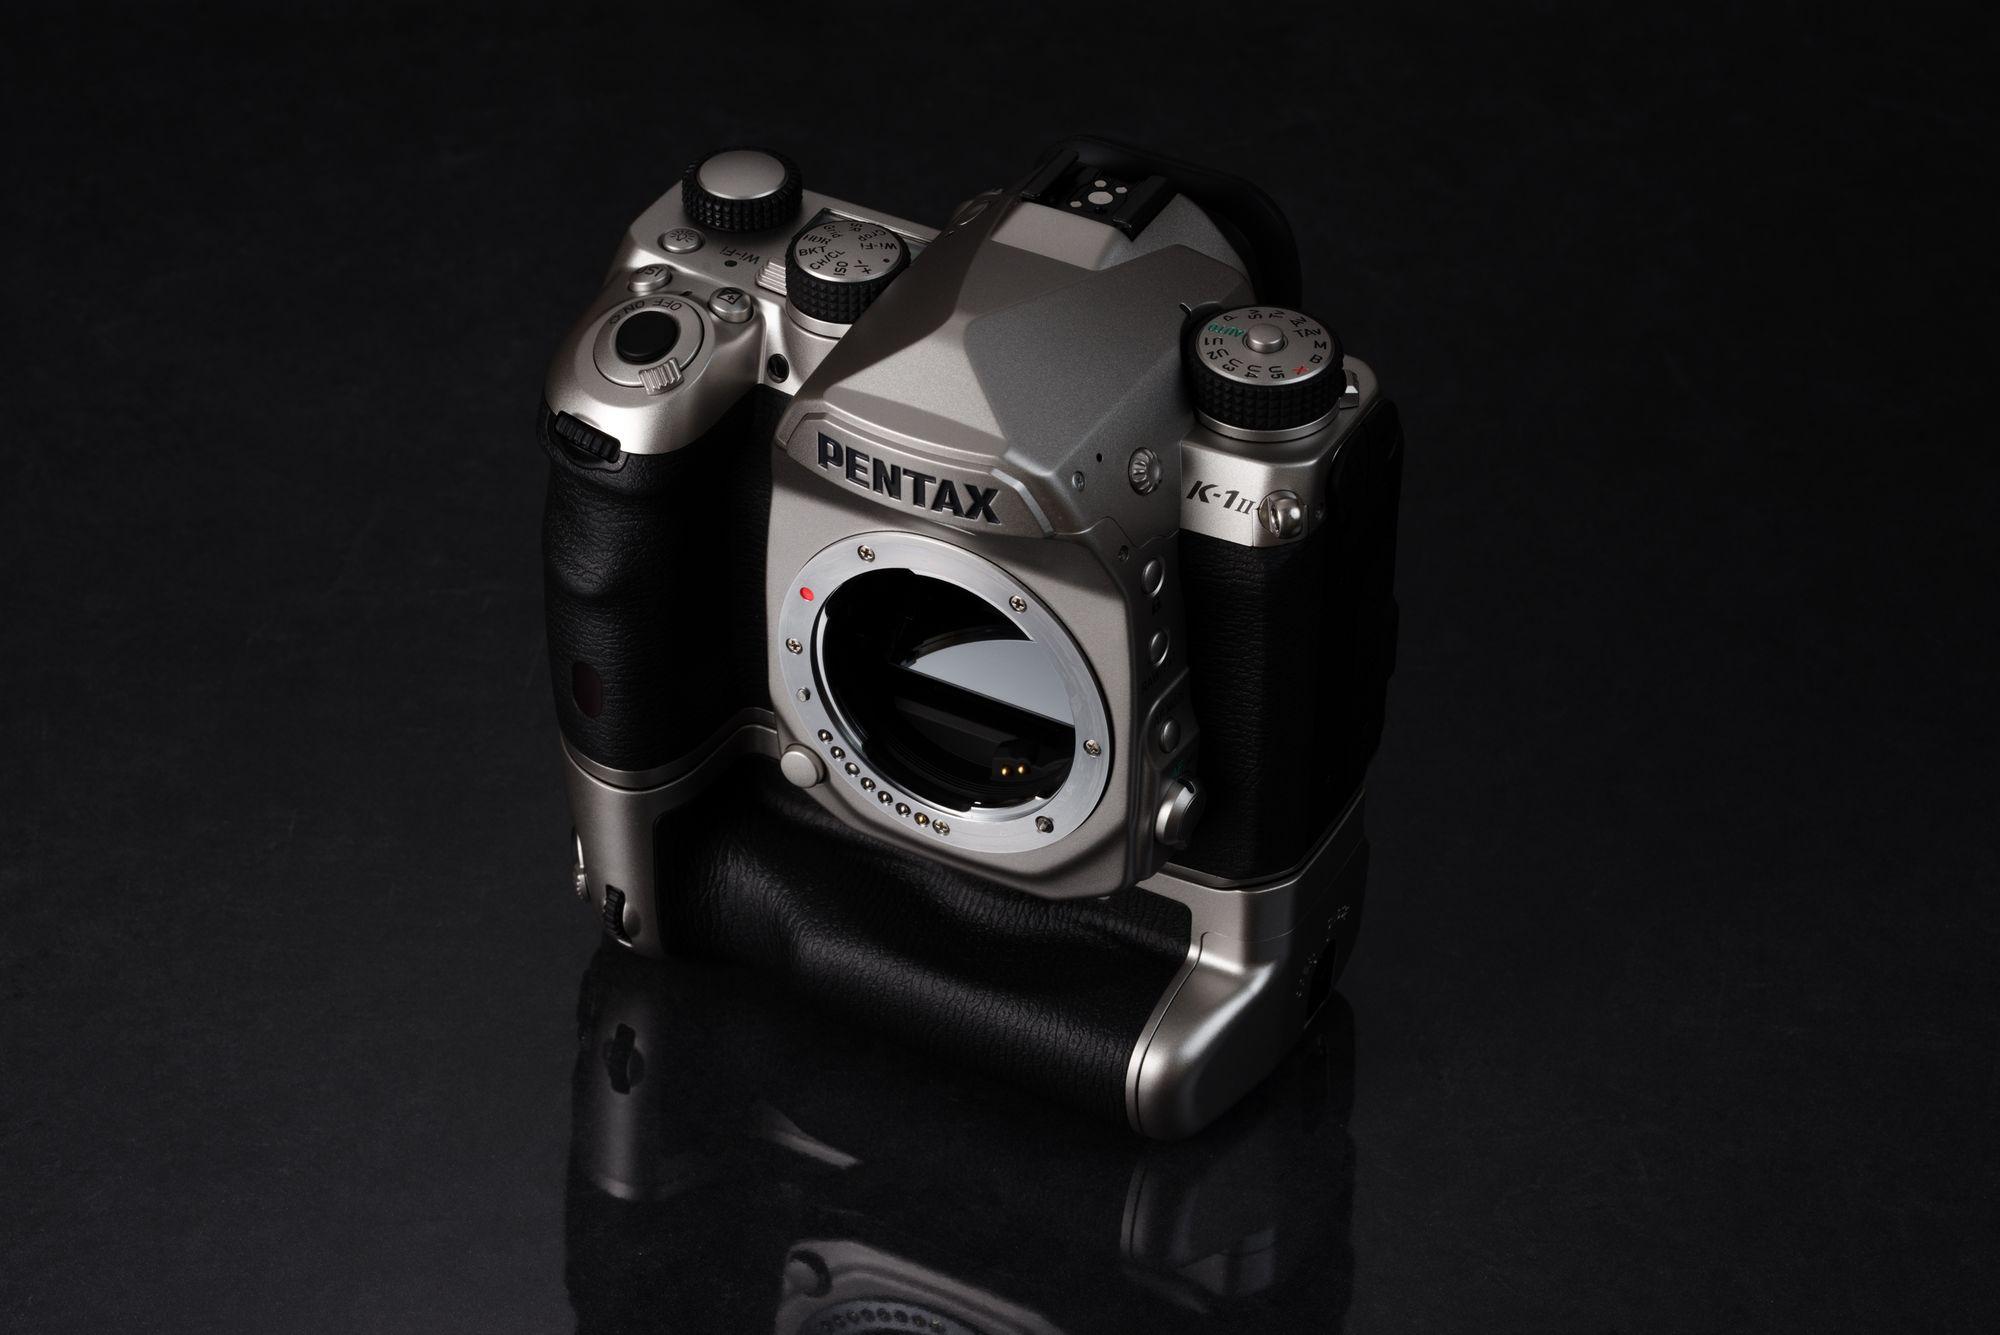 Pentax K-1 Mark II Silver Edition español mexico 2 precio